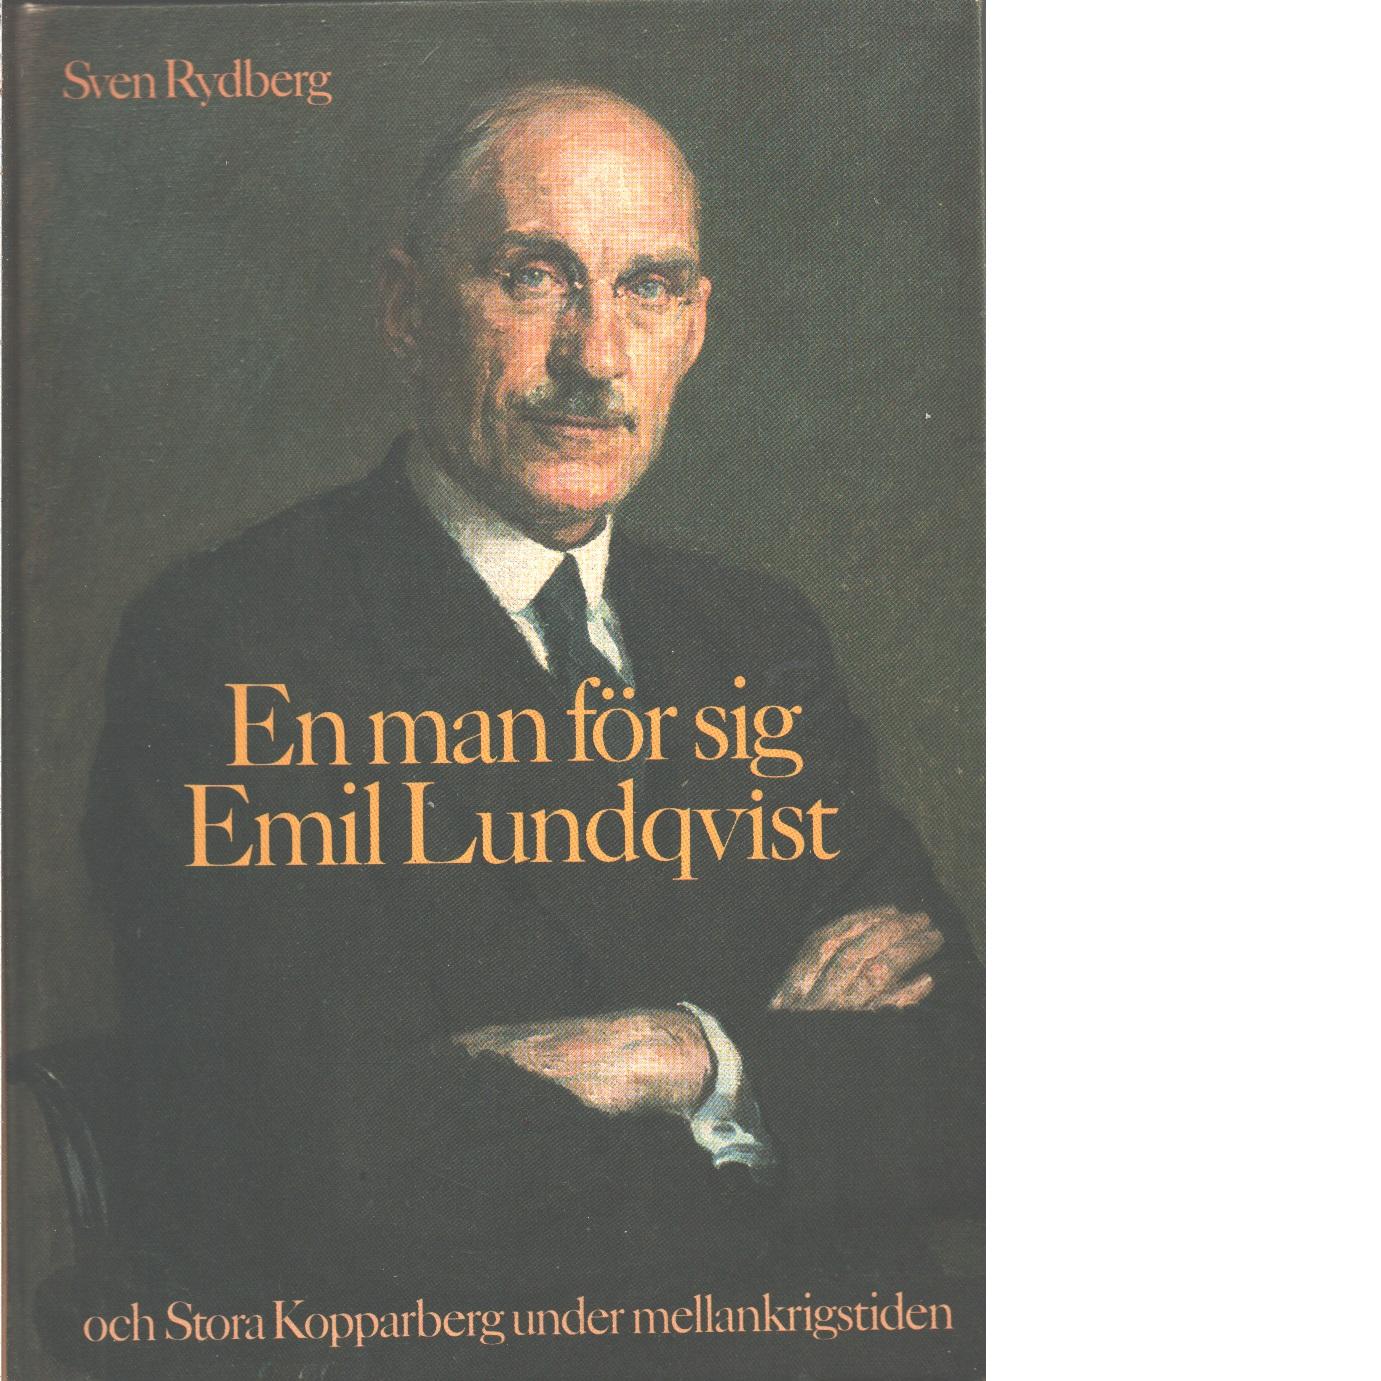 En man för sig : Emil Lundqvist och Stora Kopparberg under mellankrigstiden  - Rydberg, Sven